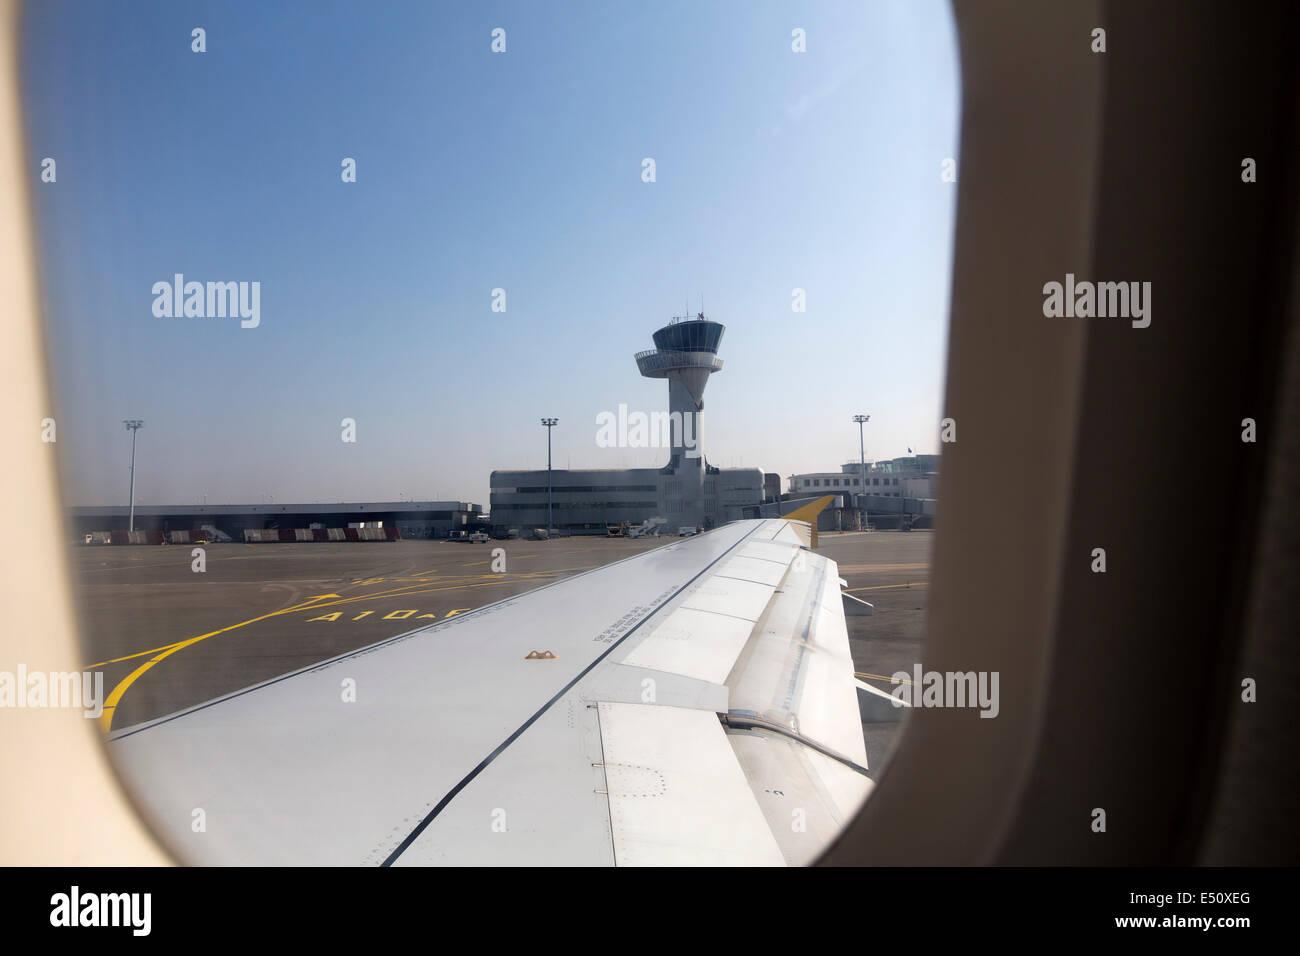 Bordeaux Airport Aquitaine France - Stock Image